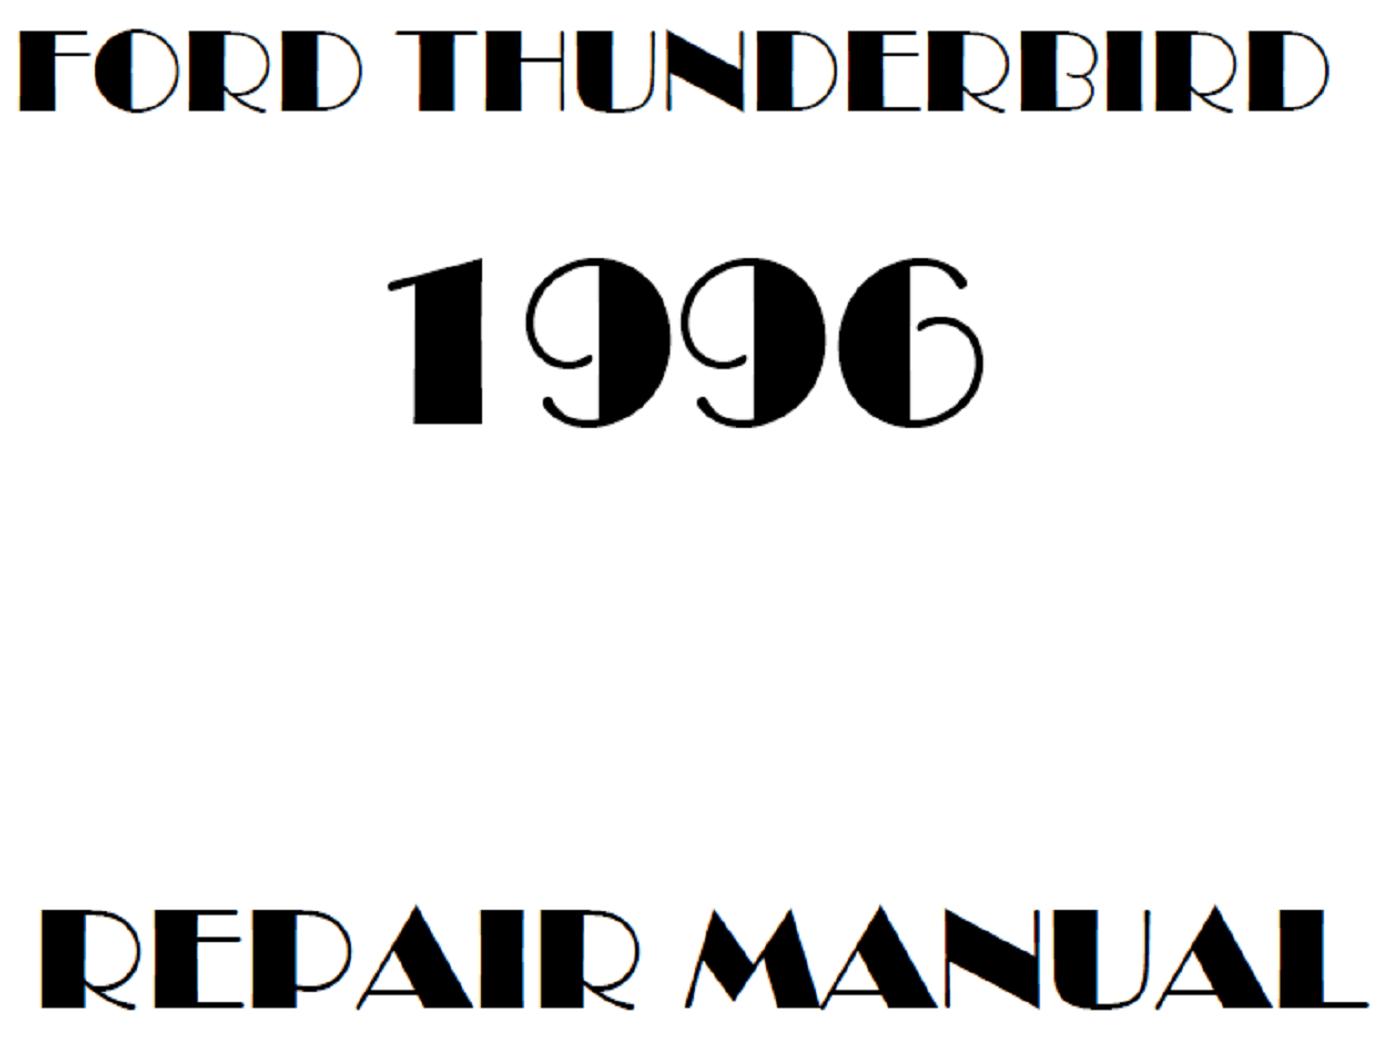 1996 Ford Thunderbird repair manual